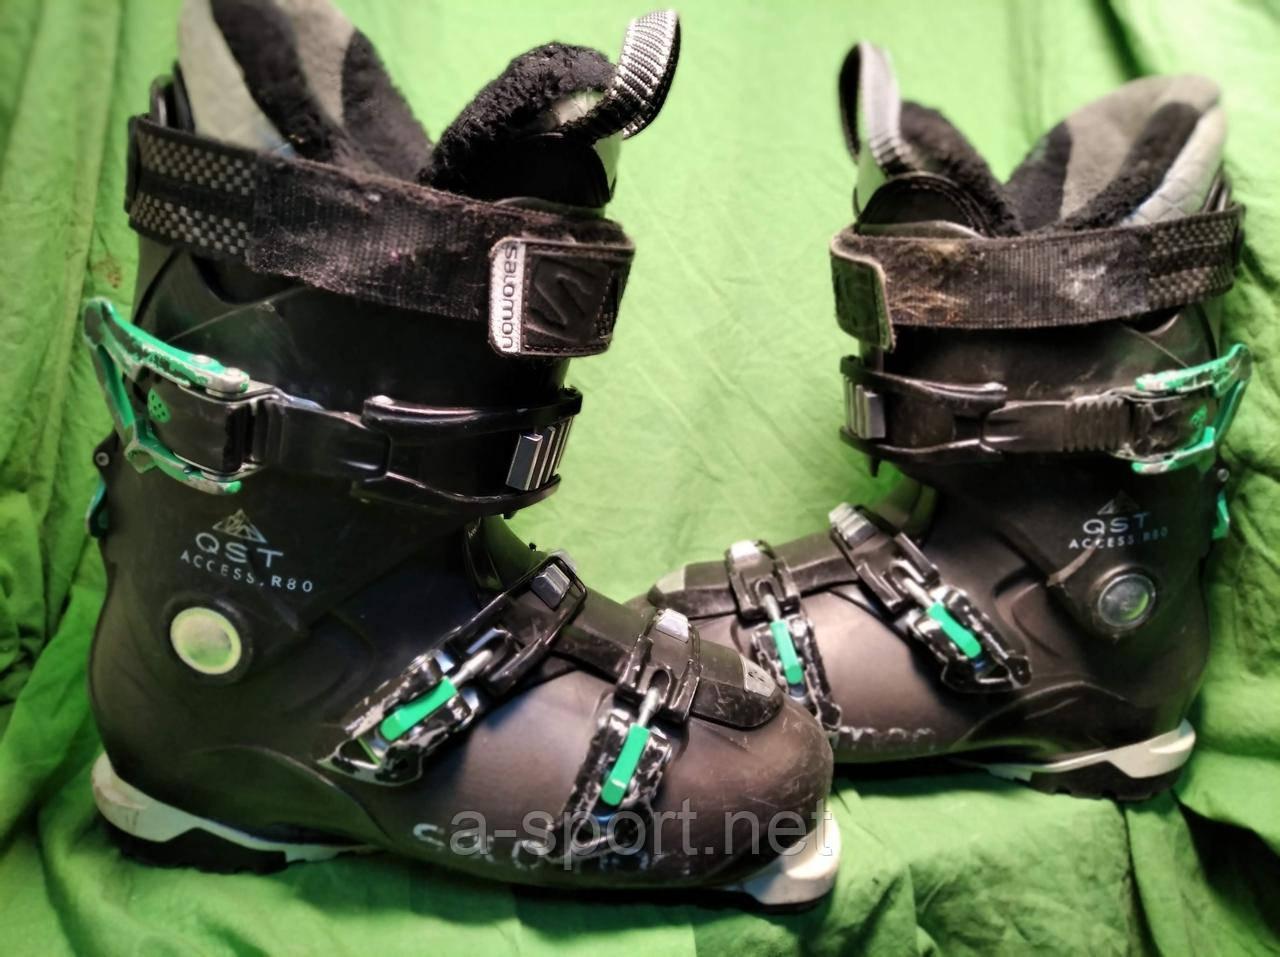 Гірськолижні черевики Salomon QST Access 80 26.5 см